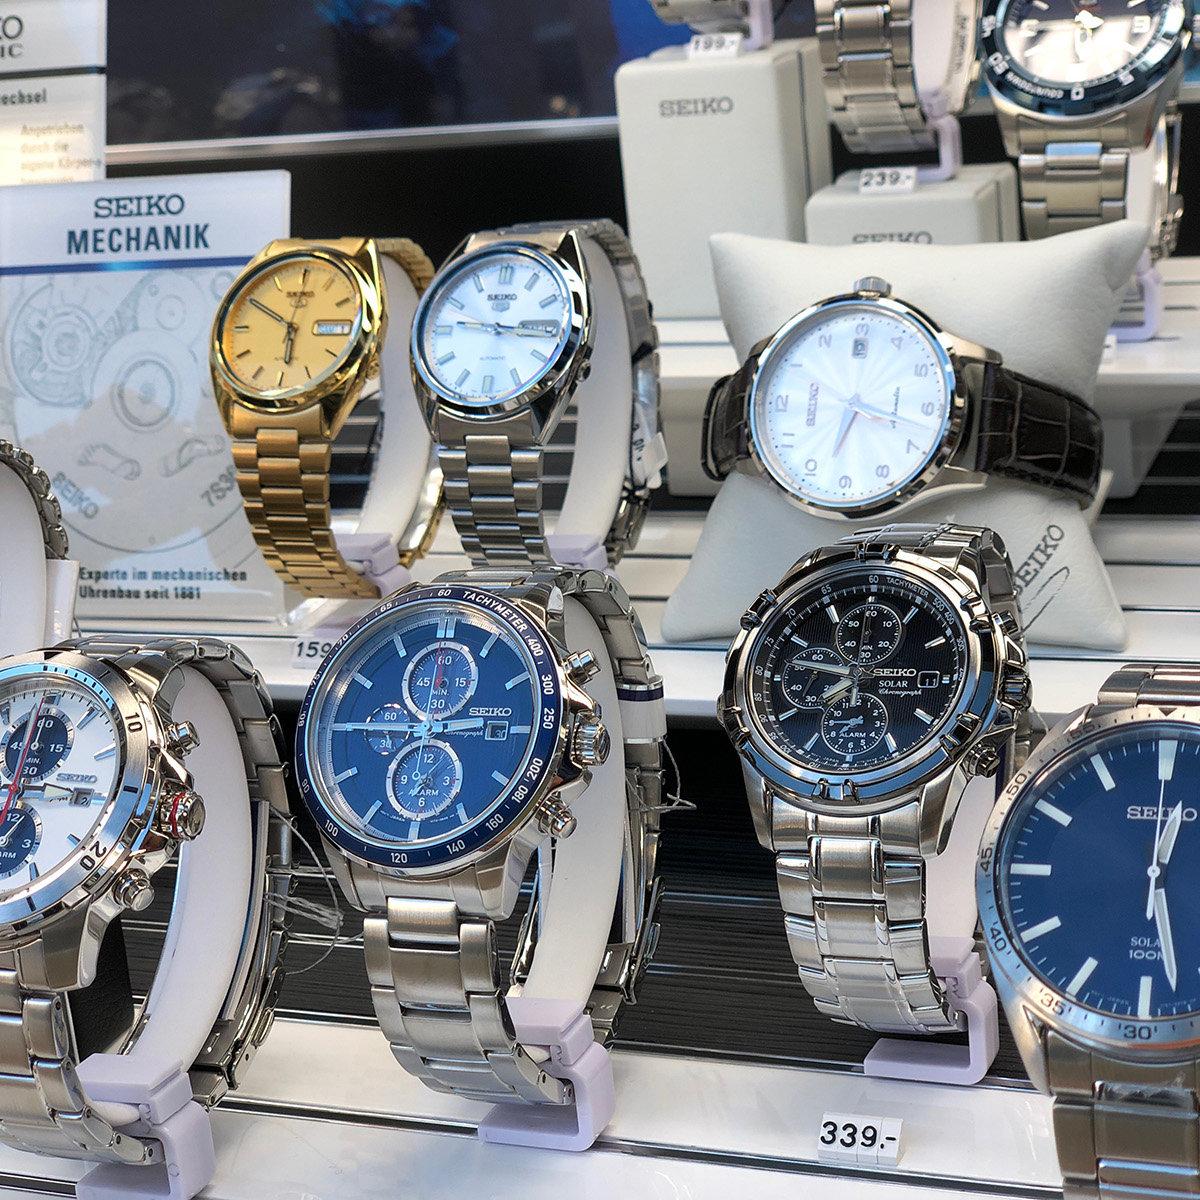 juwelier_areo_solingen_ausverkauf_ice_watch_uhren_markenuhren_solingen